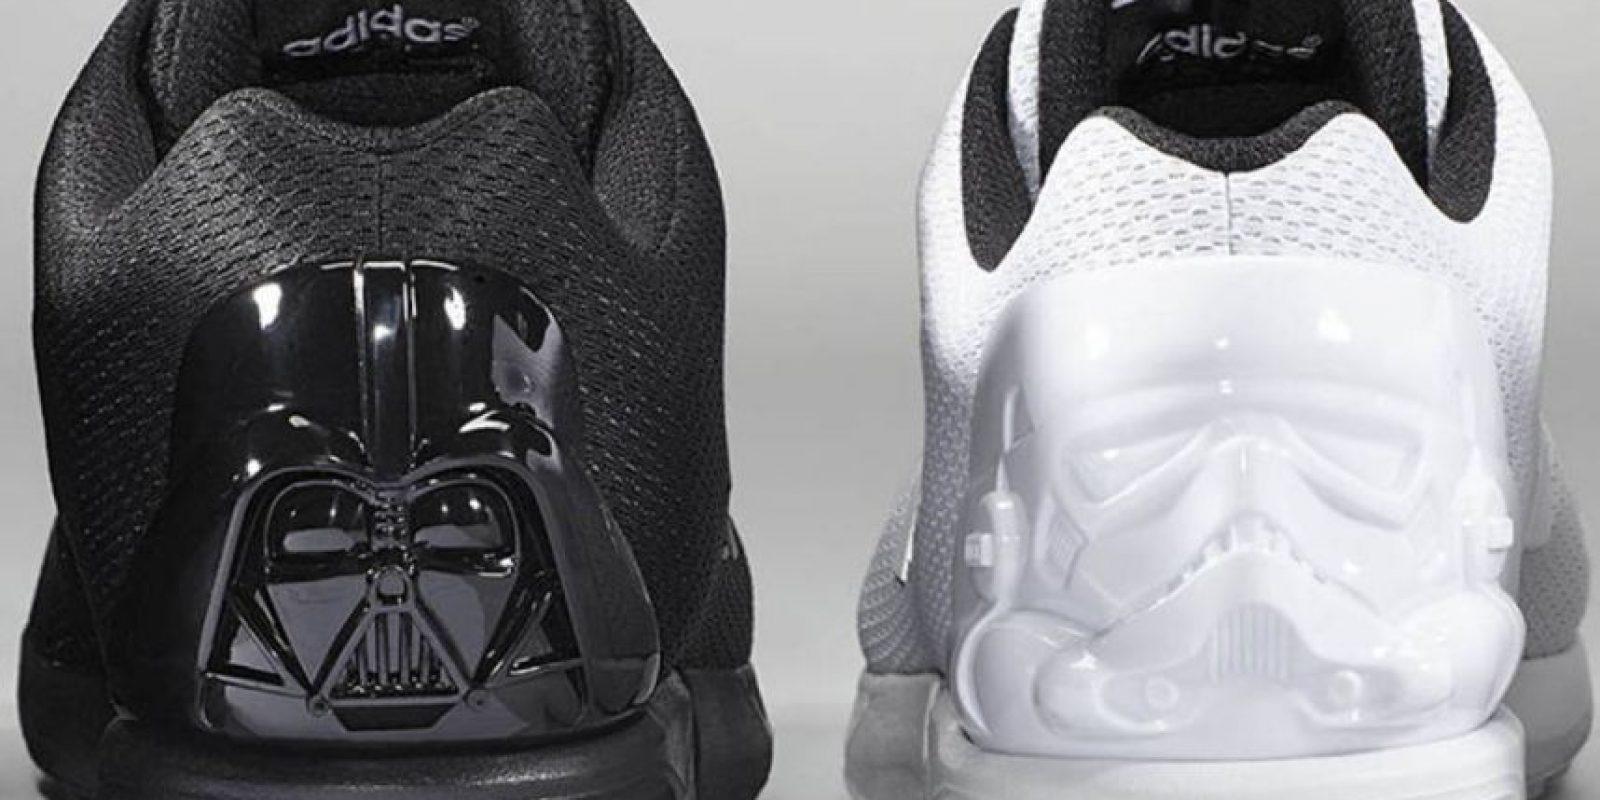 Adidas lanzó su colección de edición limitada. Foto:vía Adidas